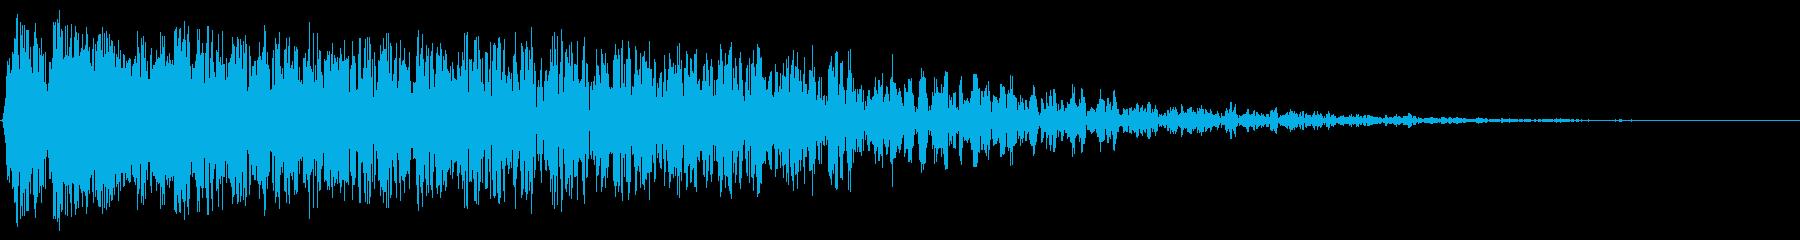 スペースガンマ爆発の再生済みの波形